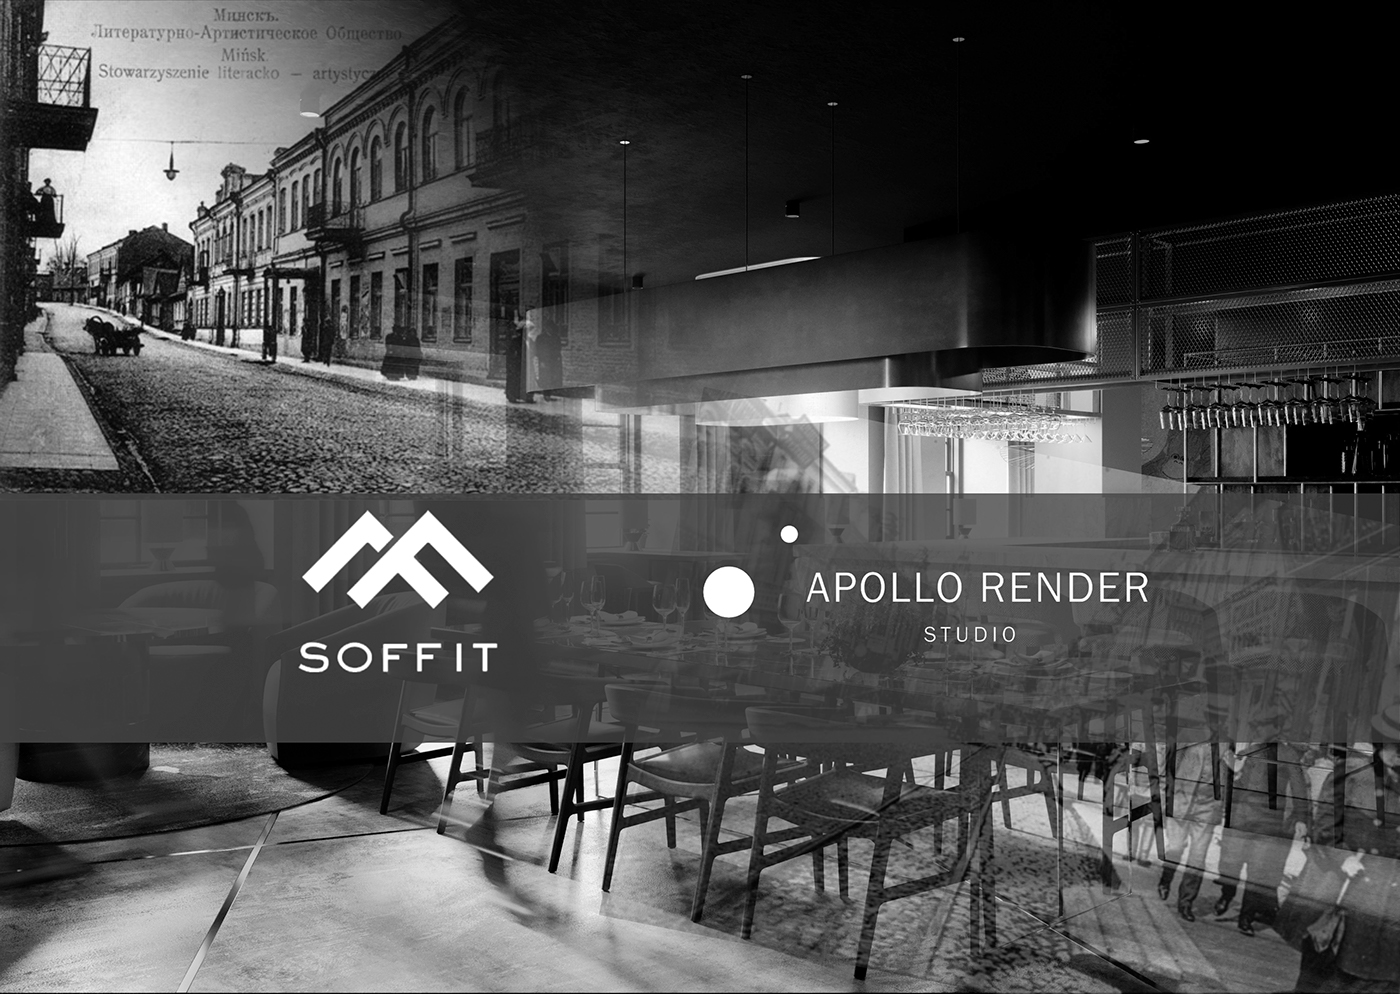 restaurant 3dsmax corona CG new ApolloRender design architecture furniture Project